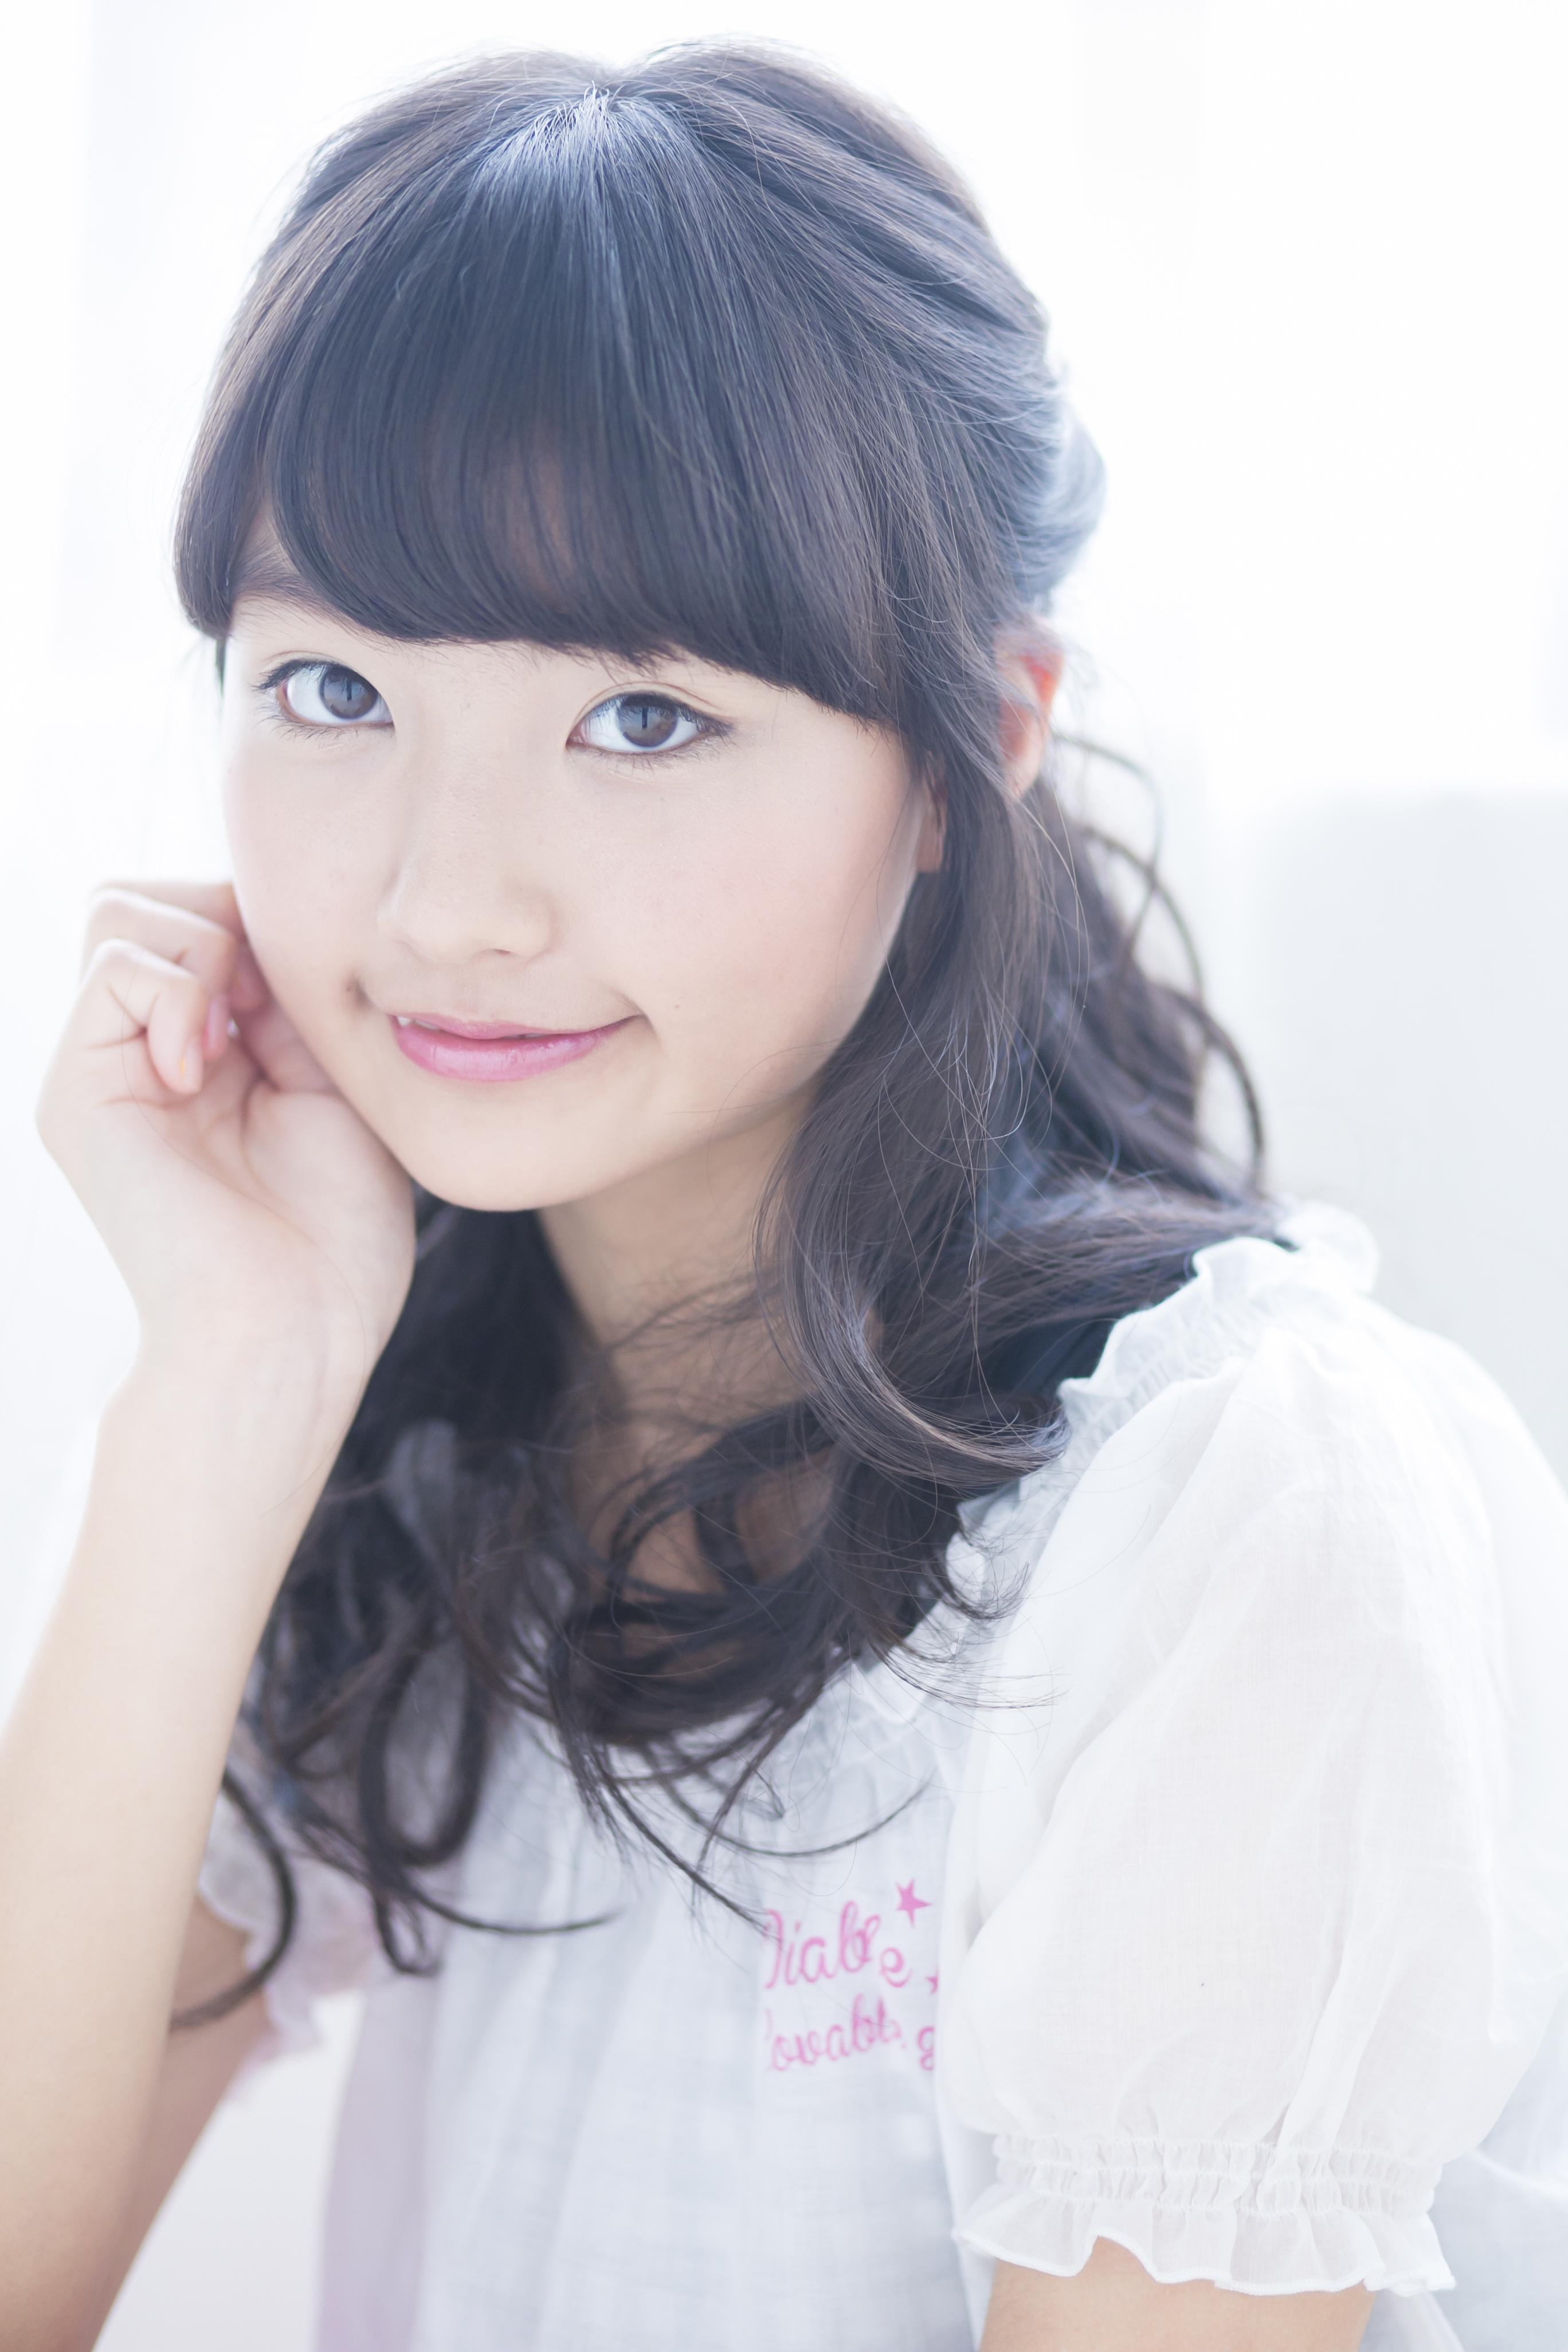 kurumi_nakano